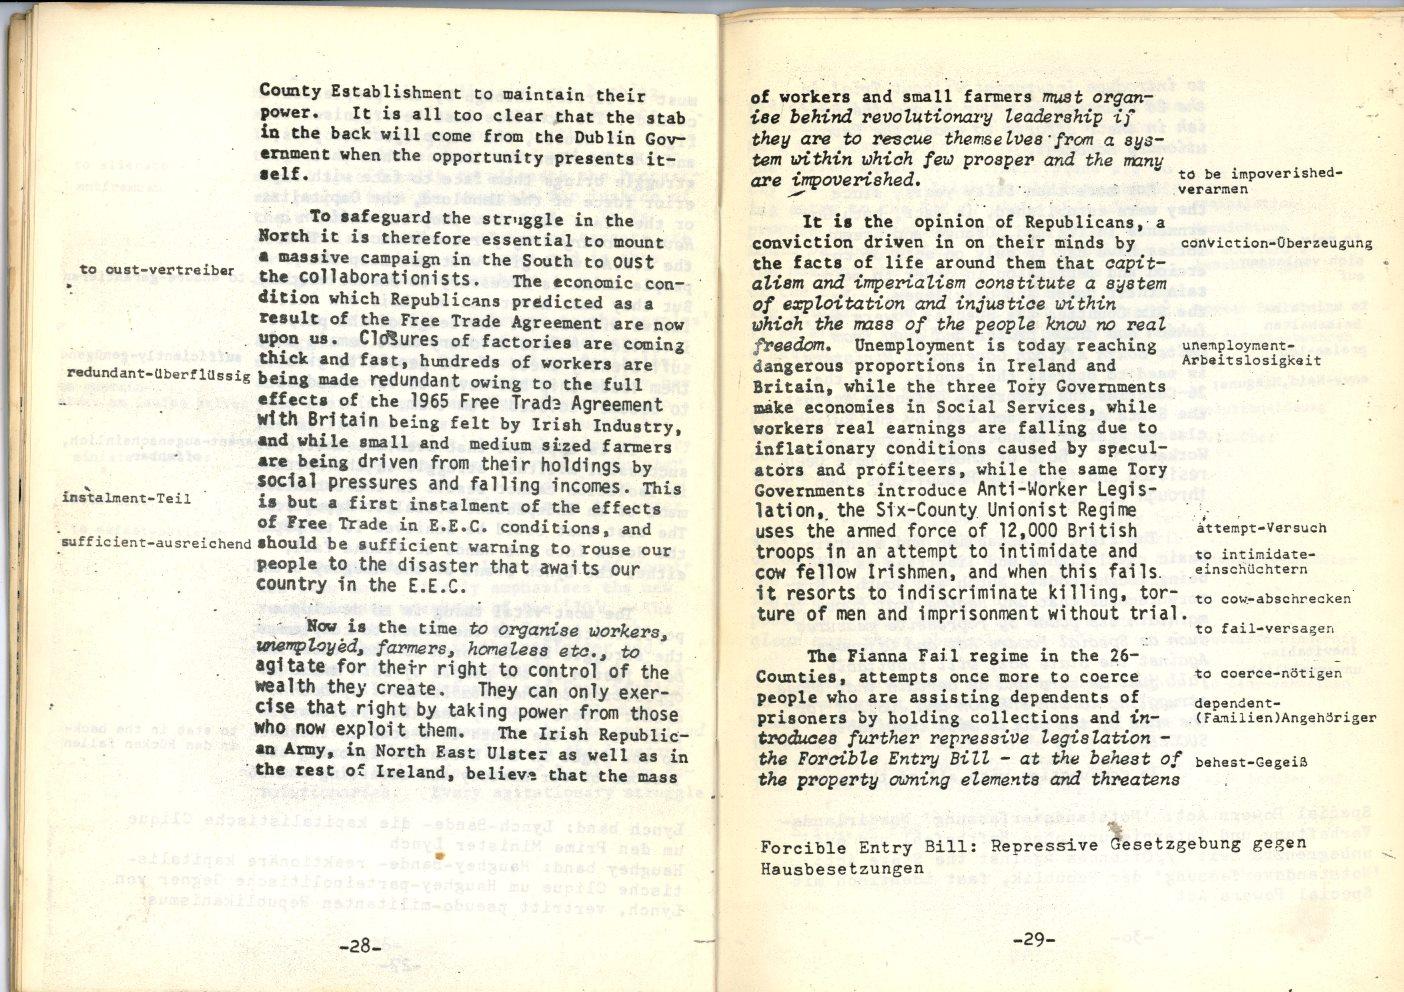 Berlin_Druckcooperative_1972_IRA_speaks_17